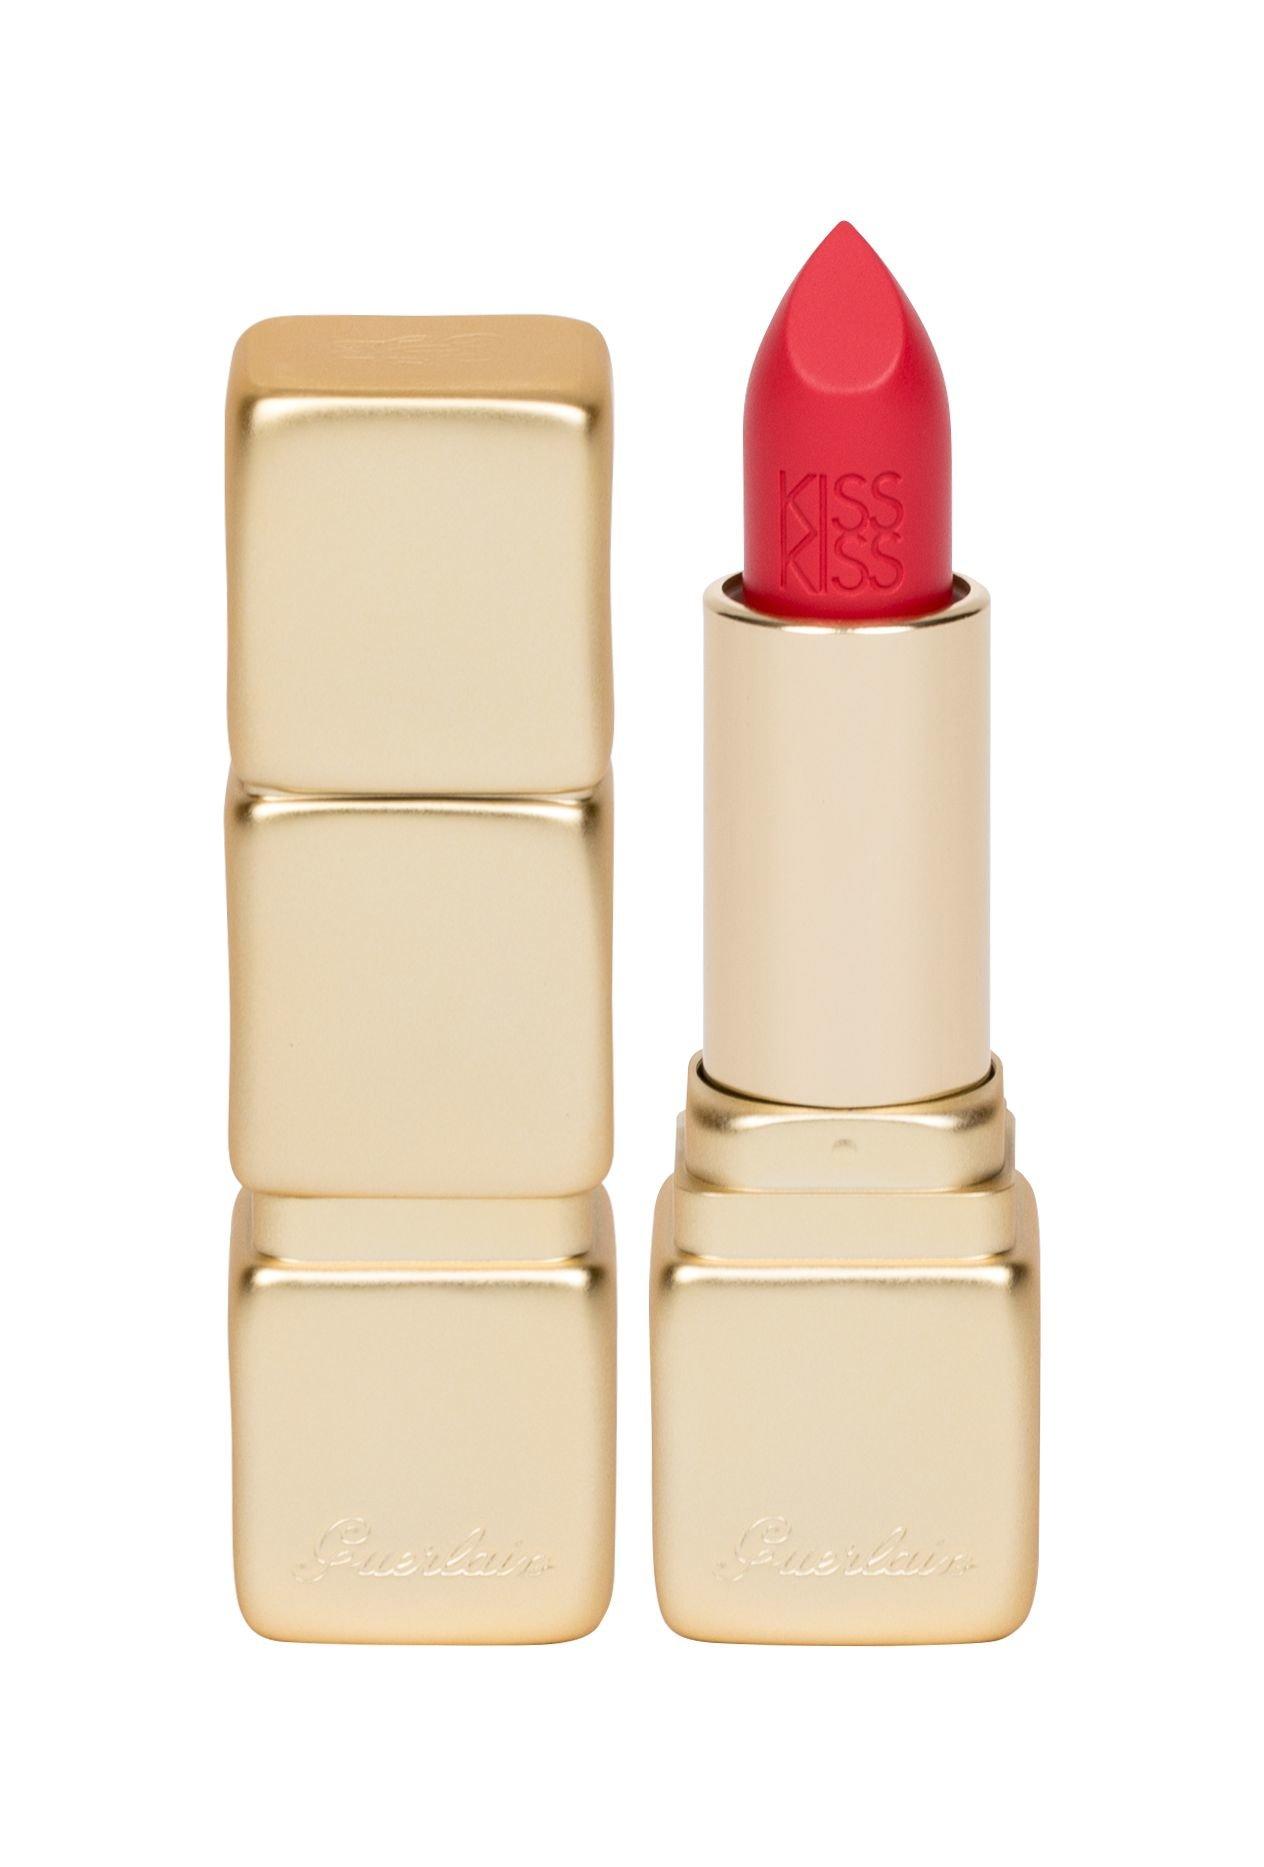 Guerlain KissKiss Lipstick 3,5ml M332 Electric Ruby